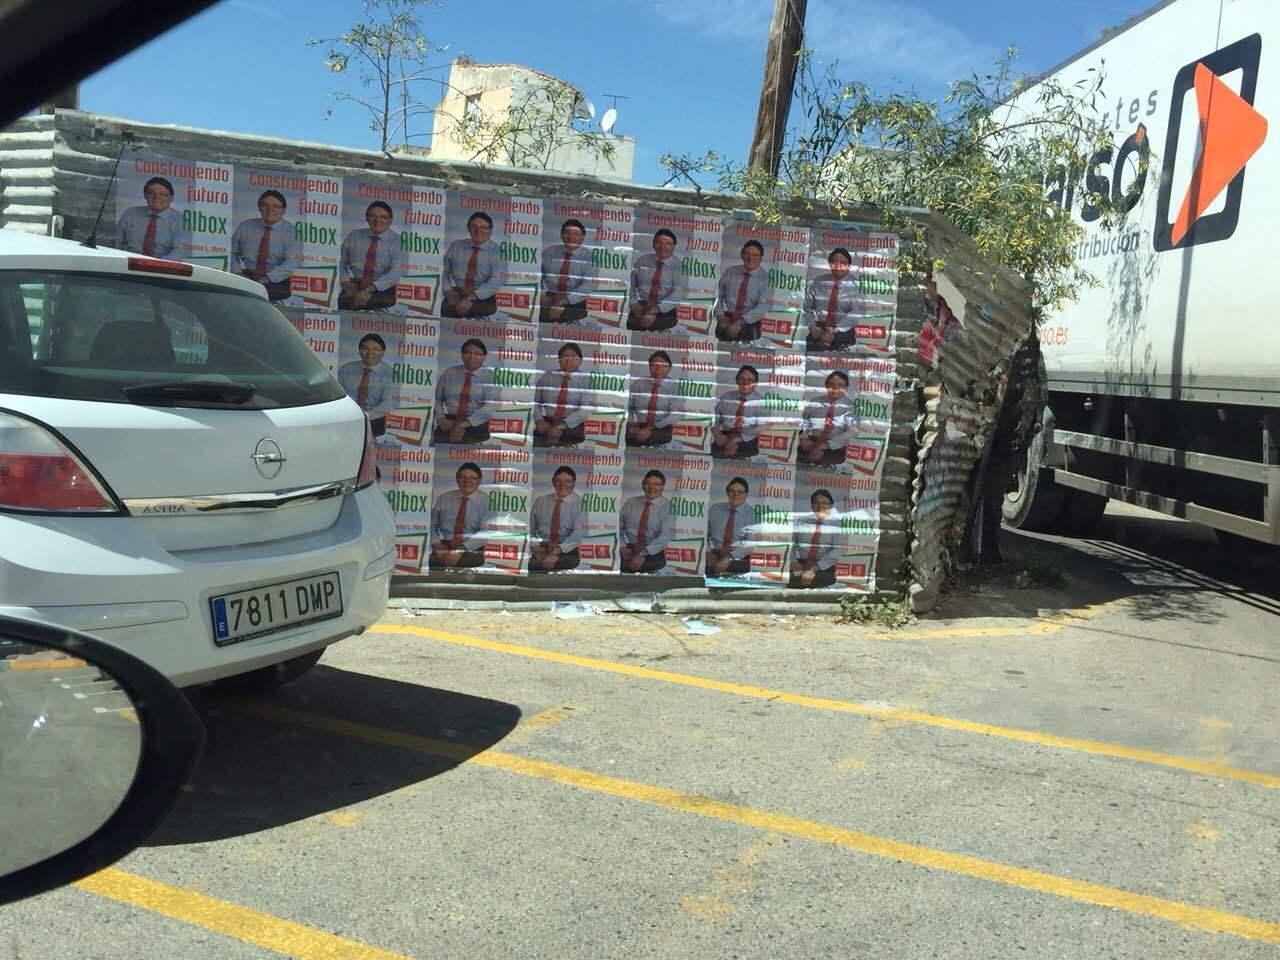 El alcalde procesado de Albox desafía ahora la Ley con sus carteles desde cuatro días ante de la campaña